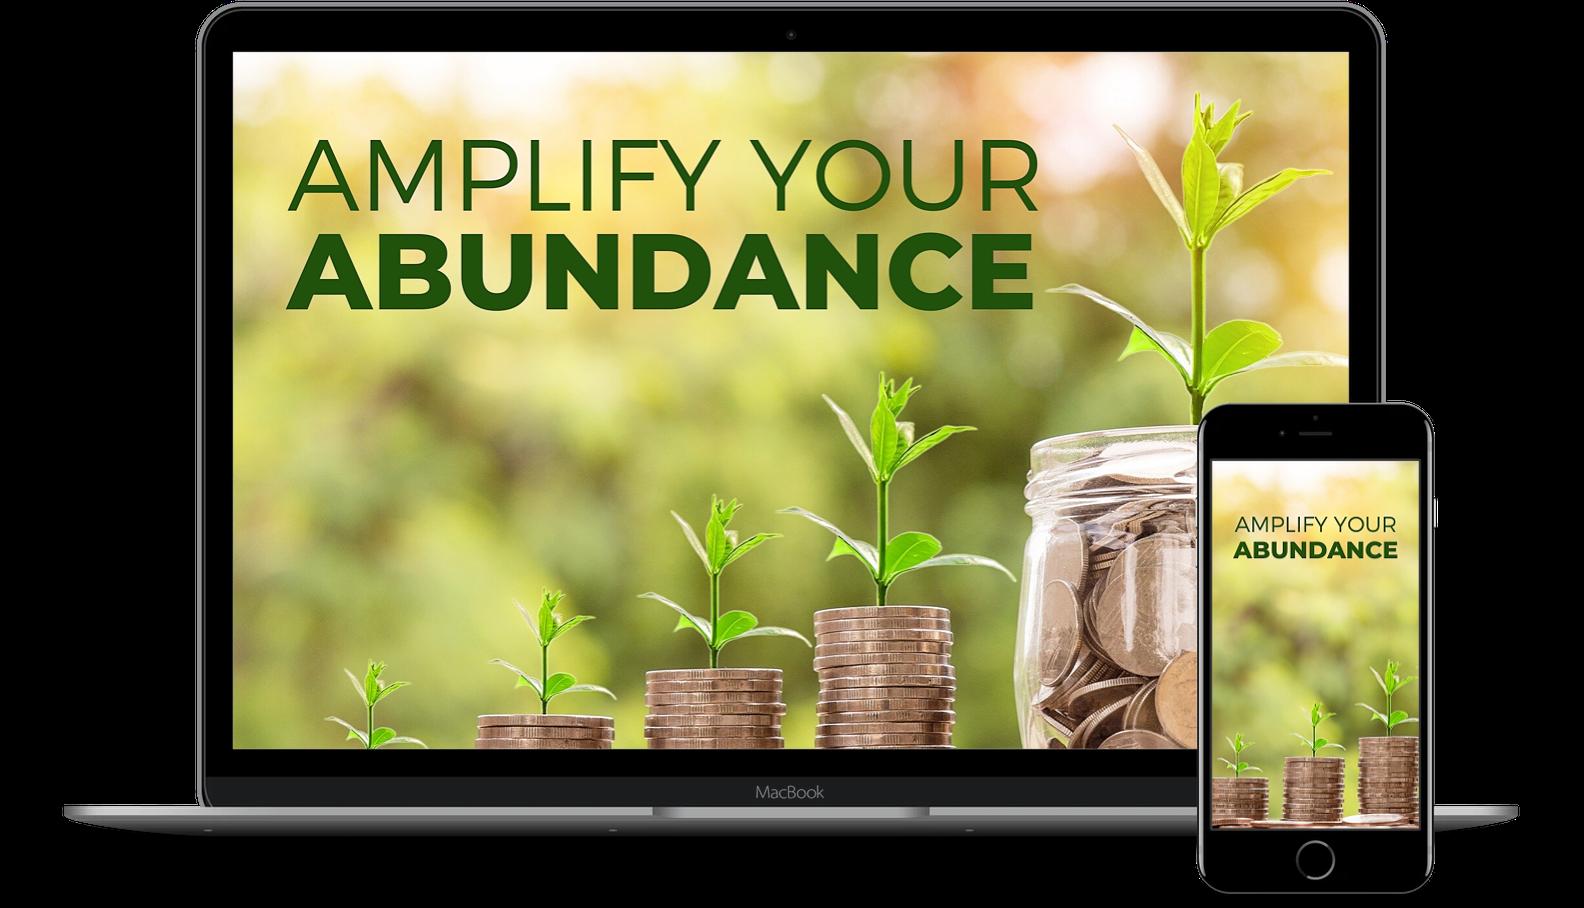 amplify your abundance